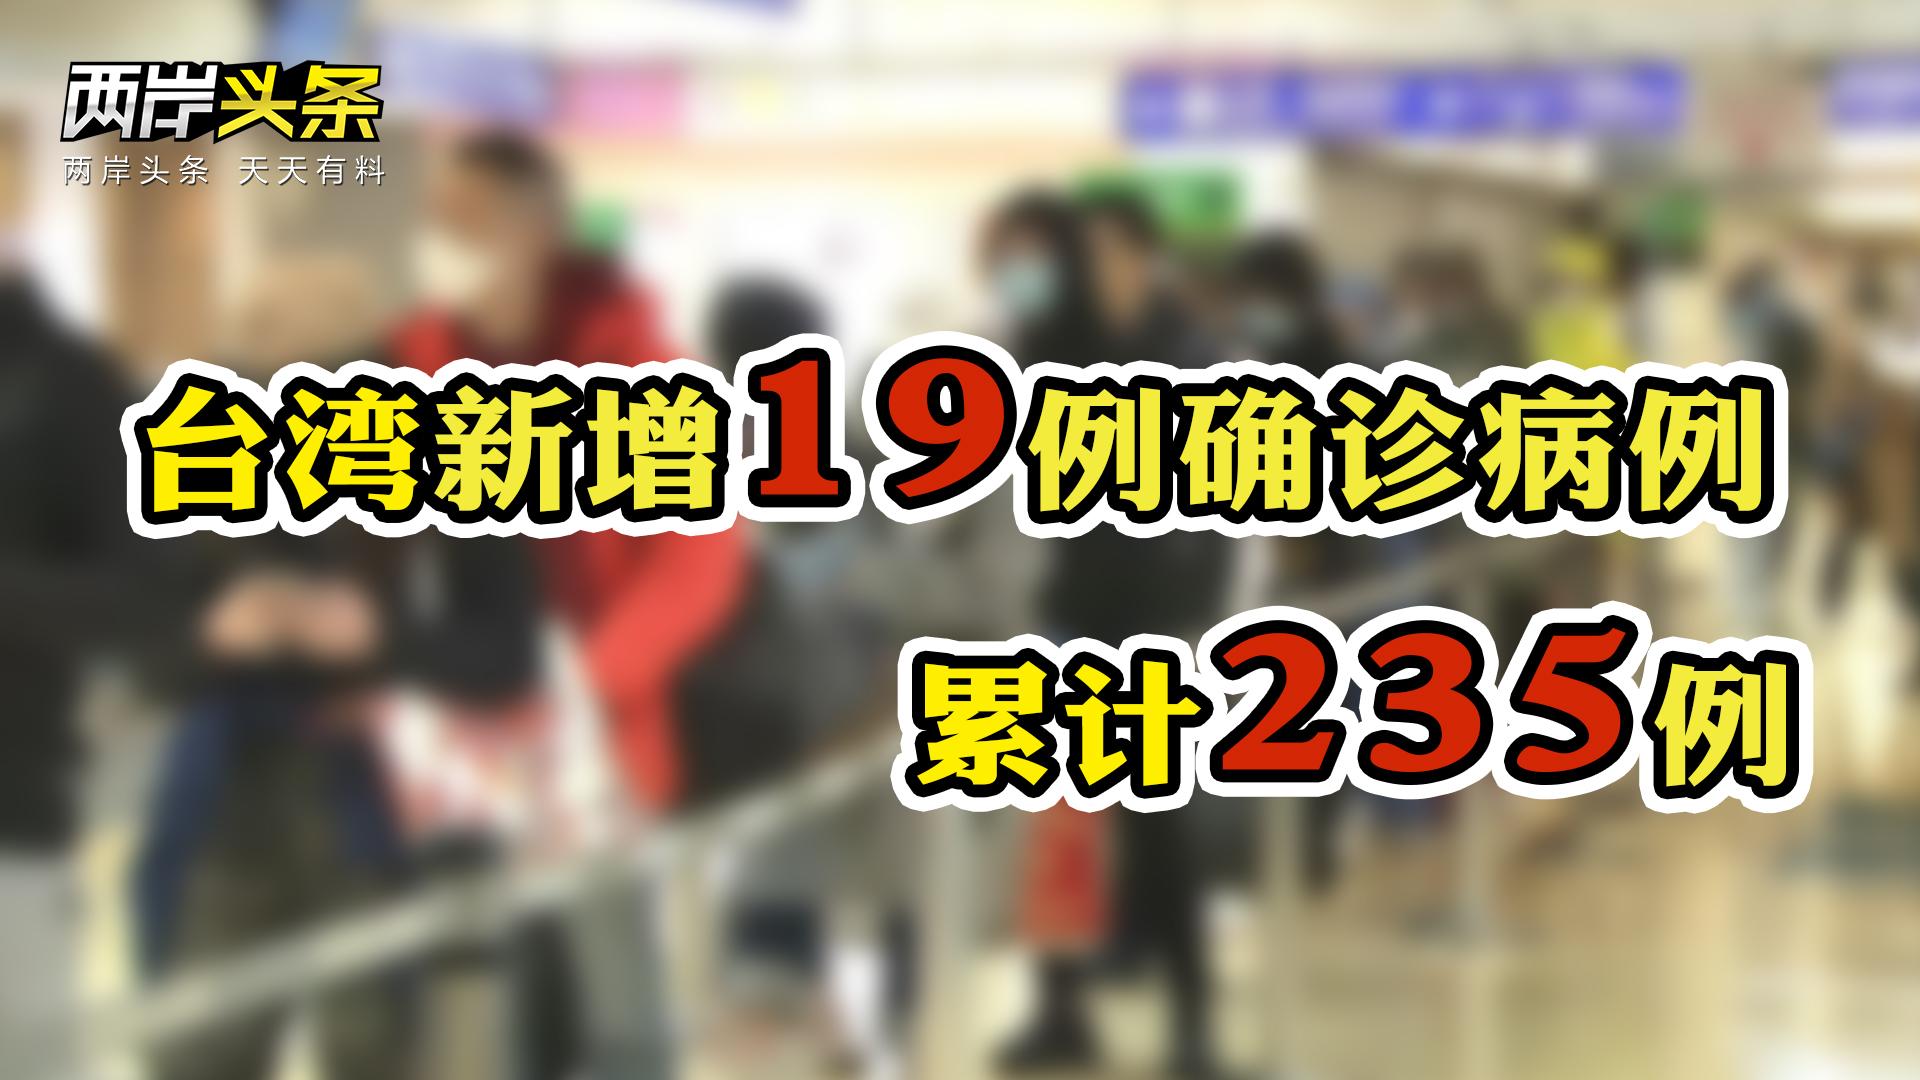 累計235例 臺灣新增19例新冠肺炎確診病例 均為境外輸入圖片